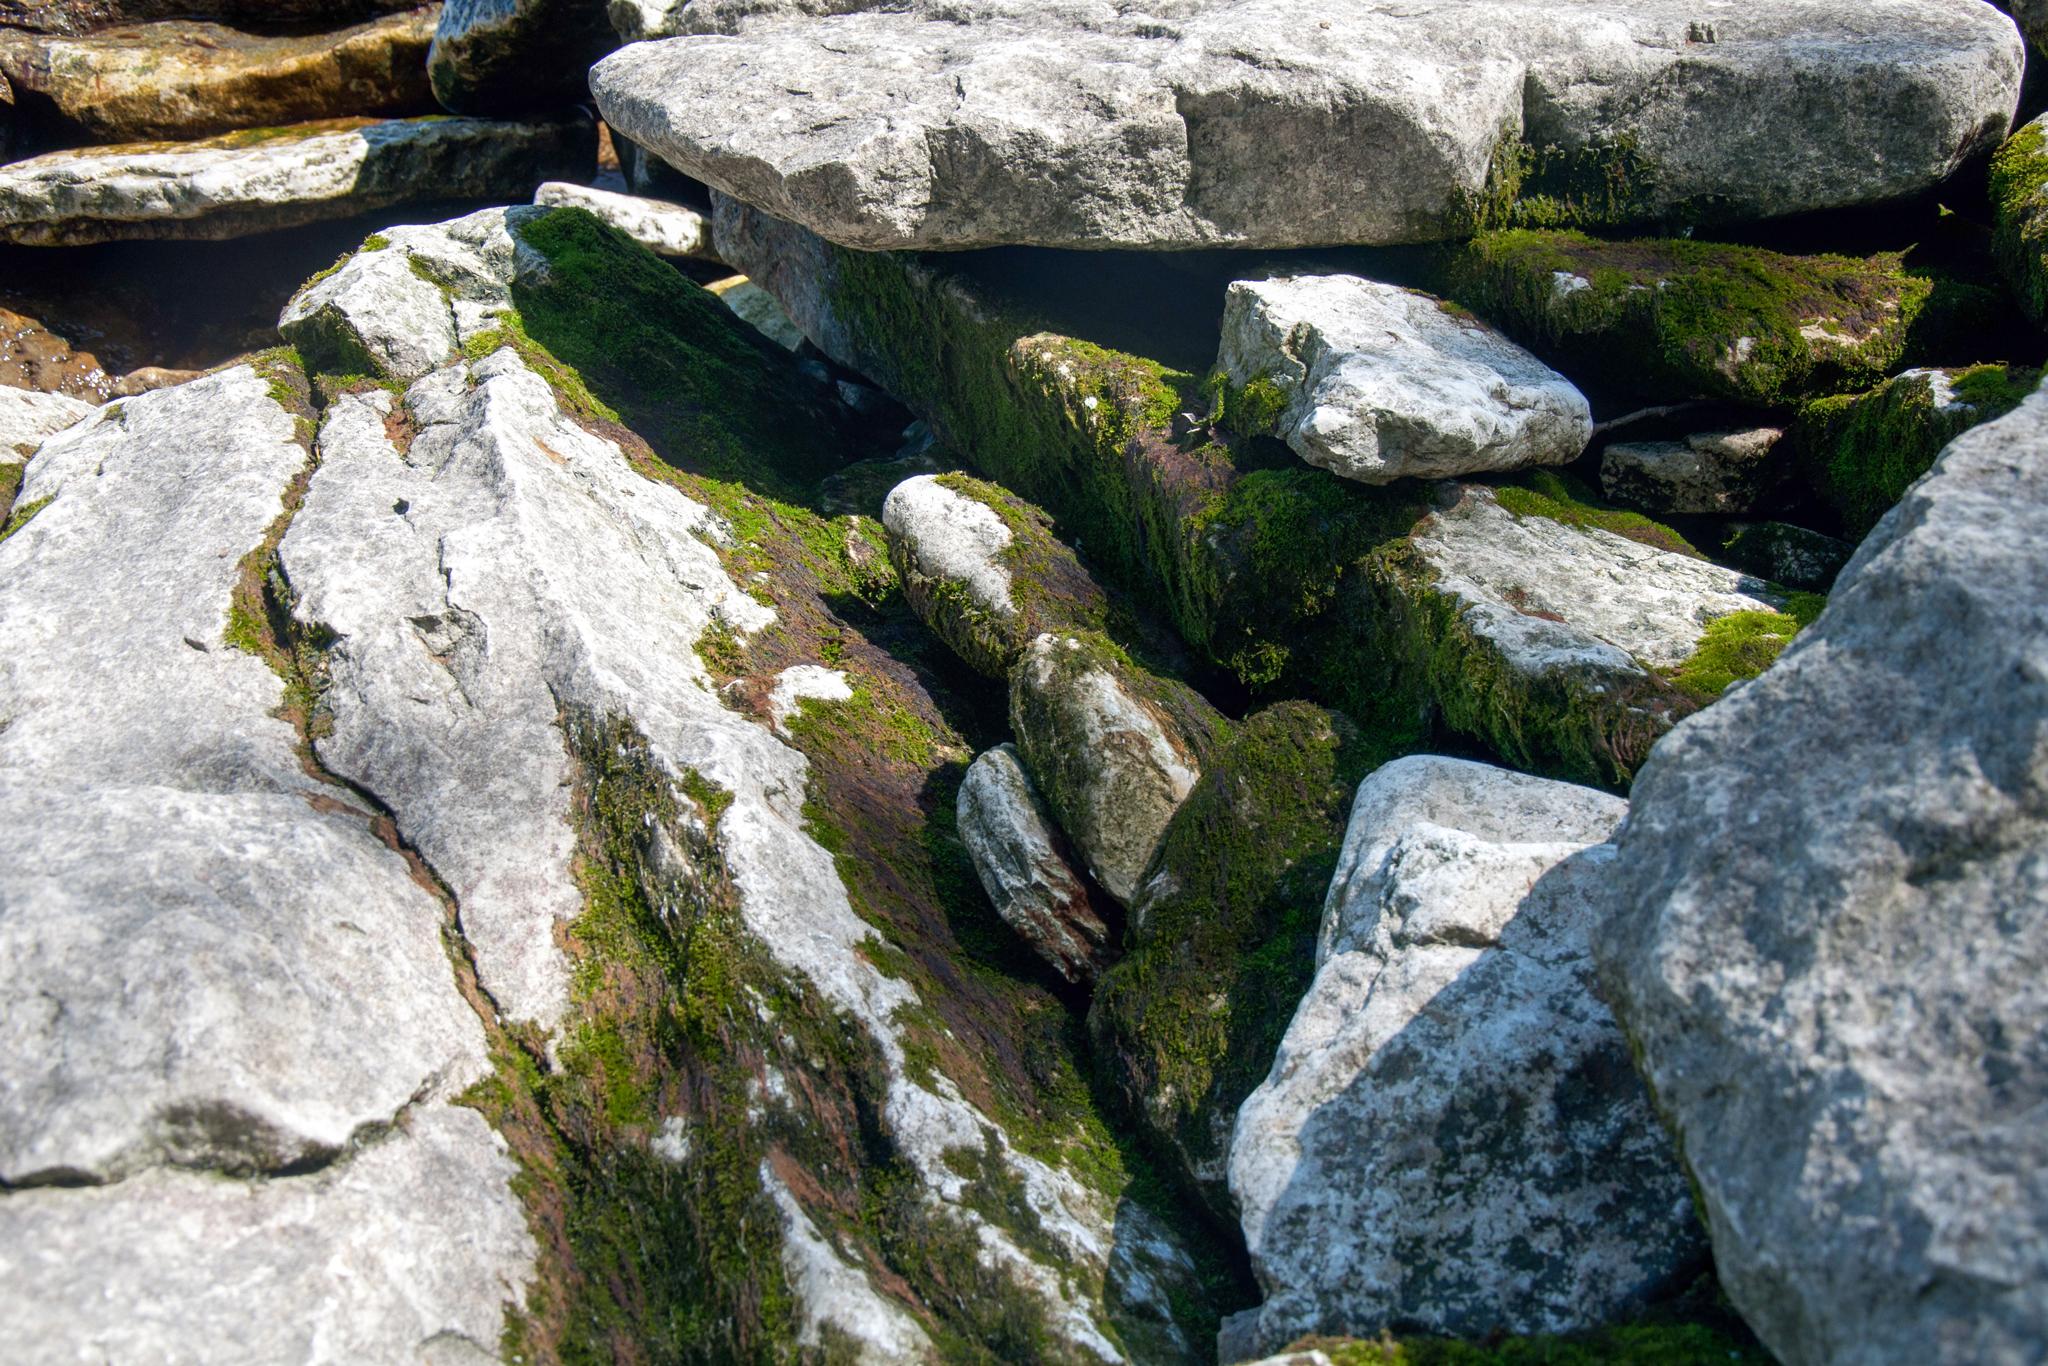 Rocks at Marblehead (May 2010)